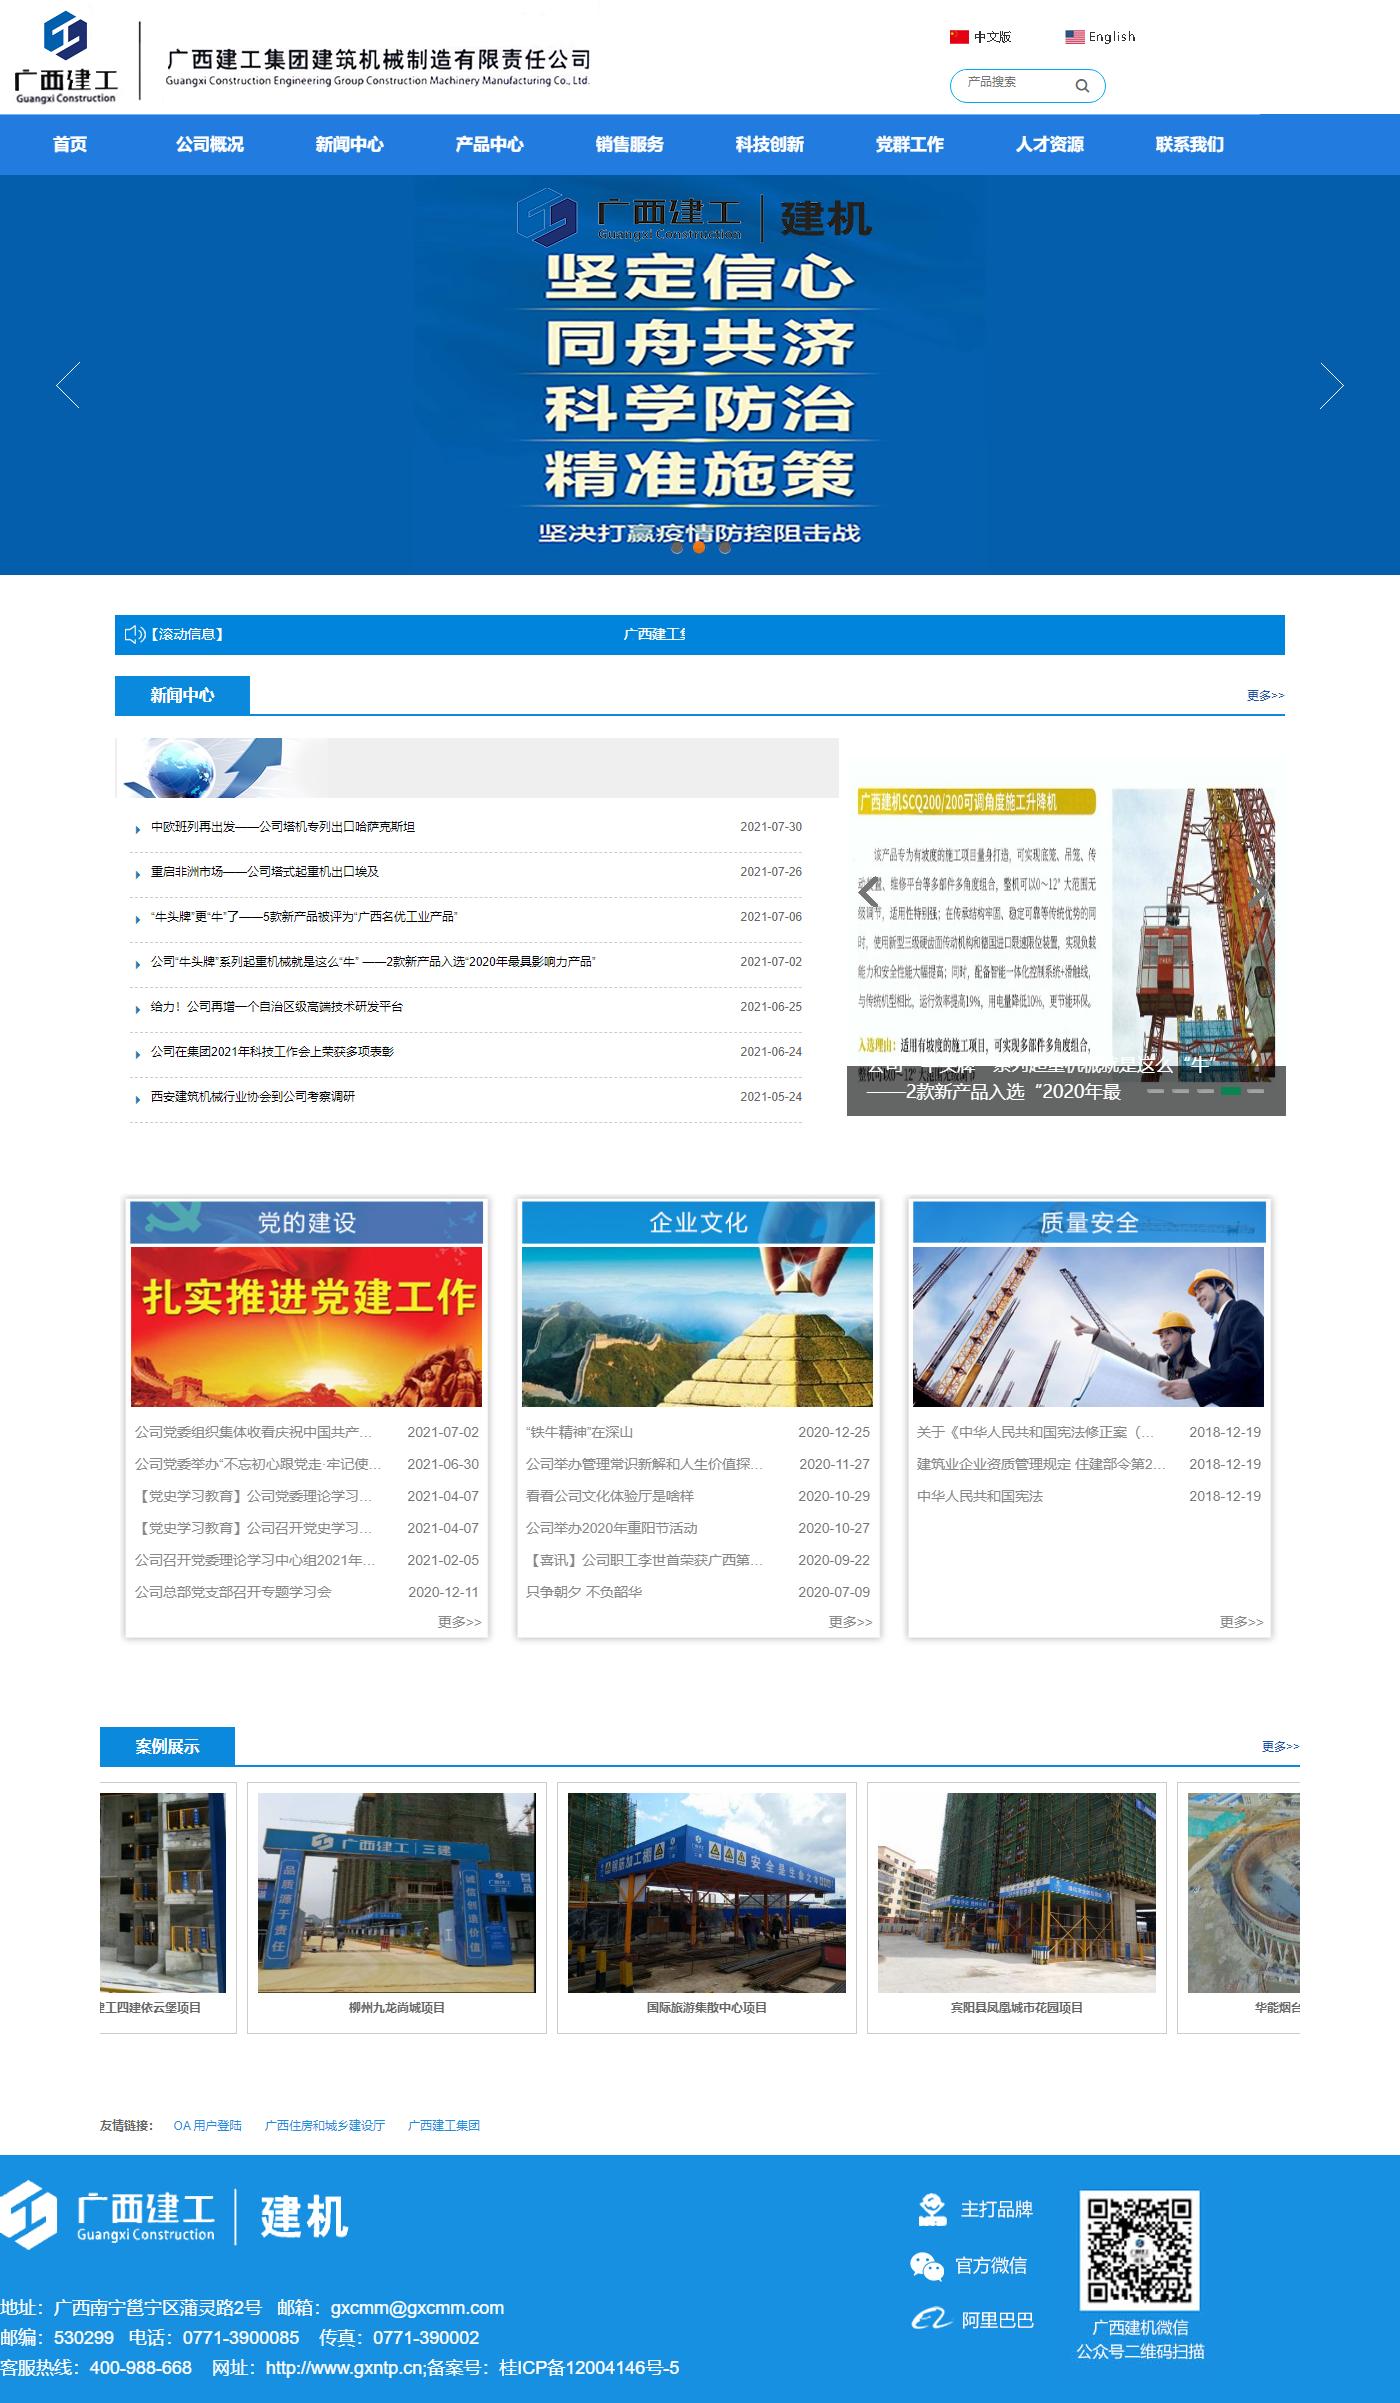 广西建工集团建筑机械制造有限责任公司网站案例